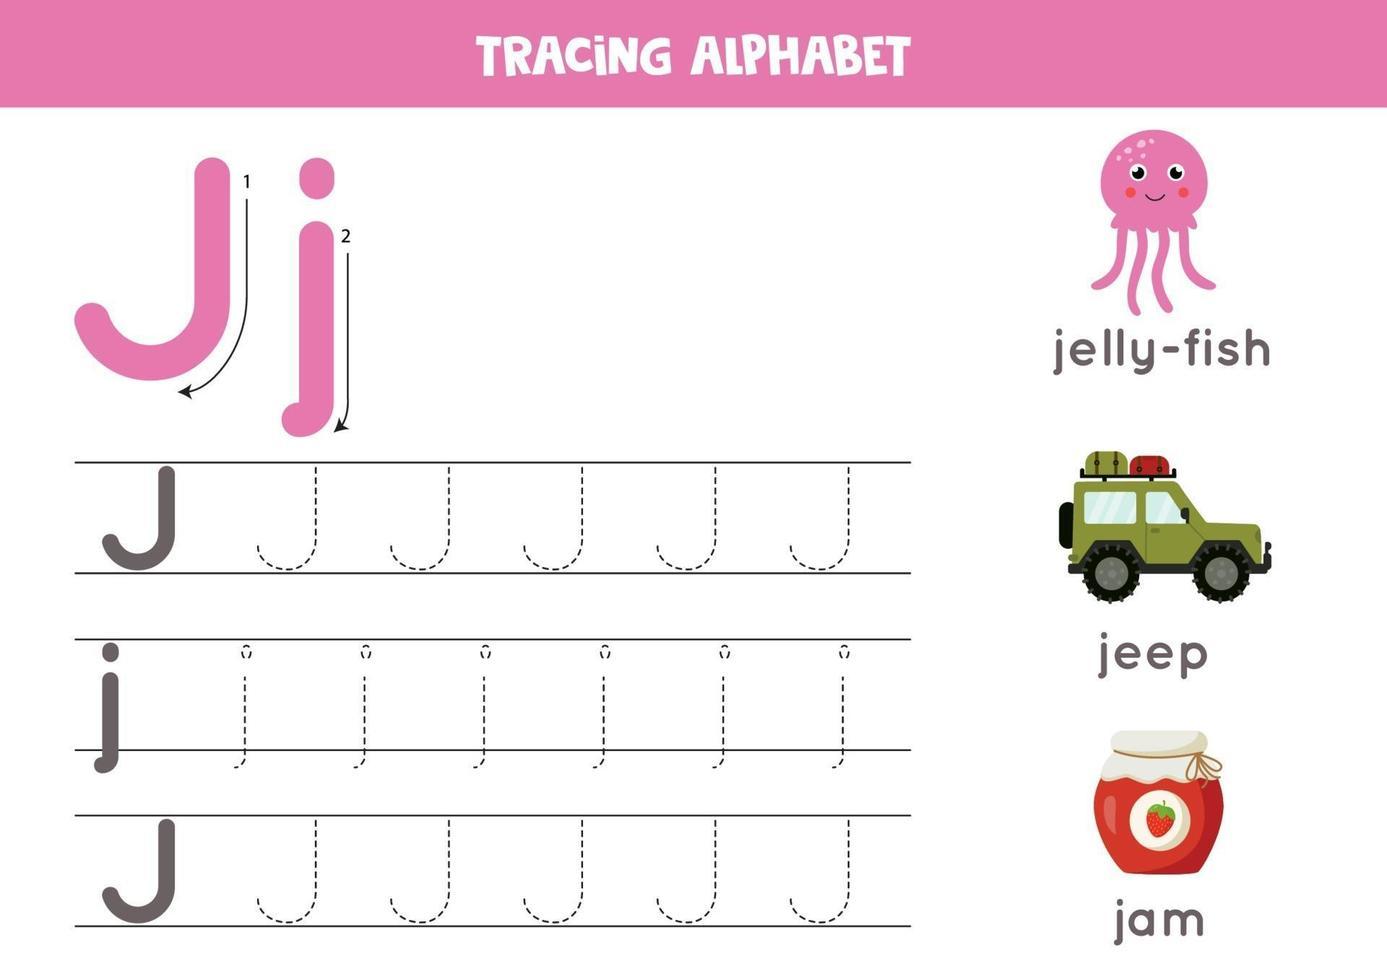 alfabet letter j traceren met schattige cartoonafbeeldingen. vector